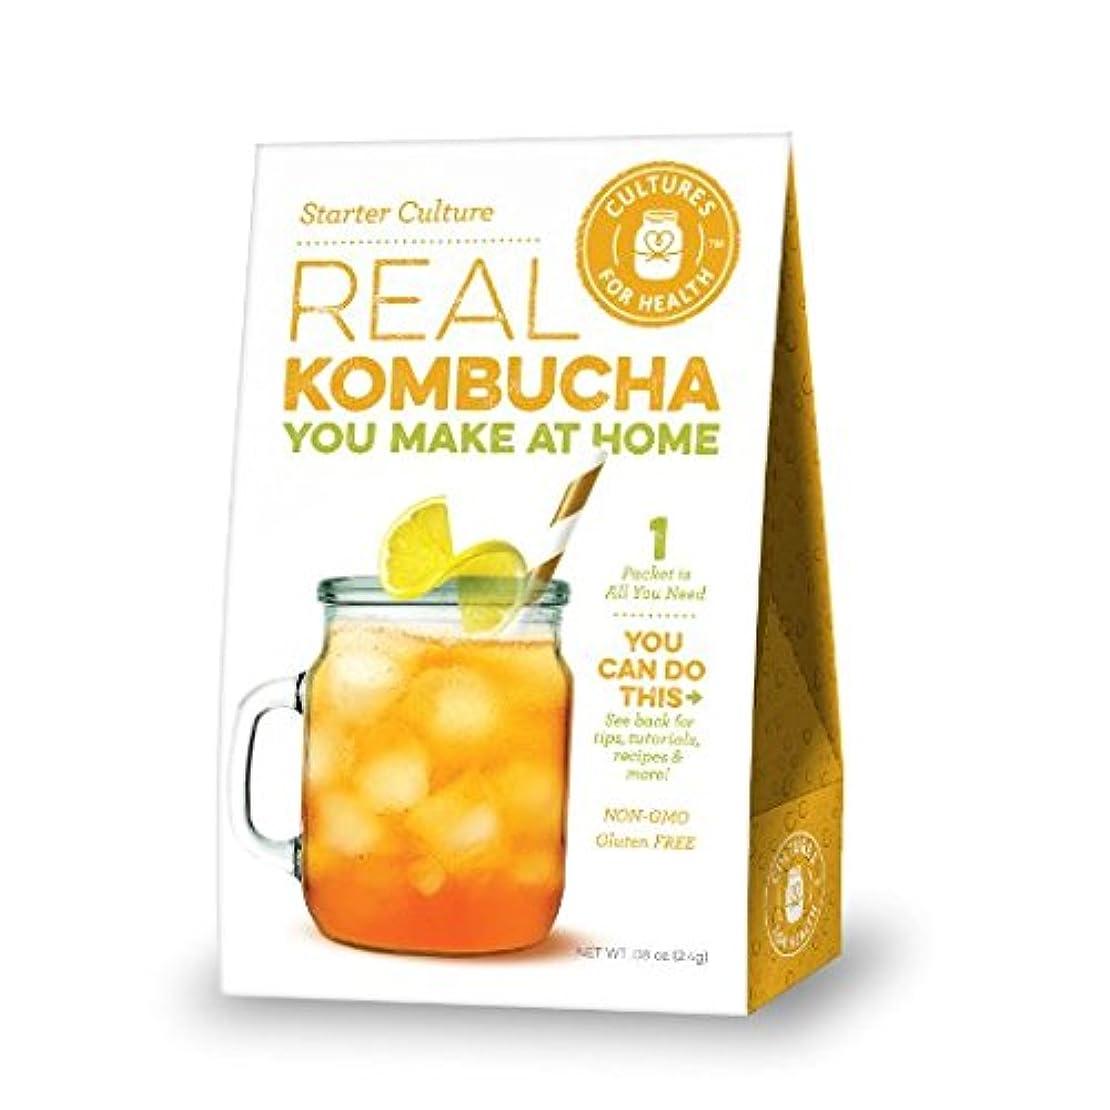 韻個性はさみ日本でも大ヒットのKombucha 紅茶キノコダイエット 日本非売品を並行輸入(海外直送品) (紅茶キノコをお家で培養(菌の販売) [並行輸入品]